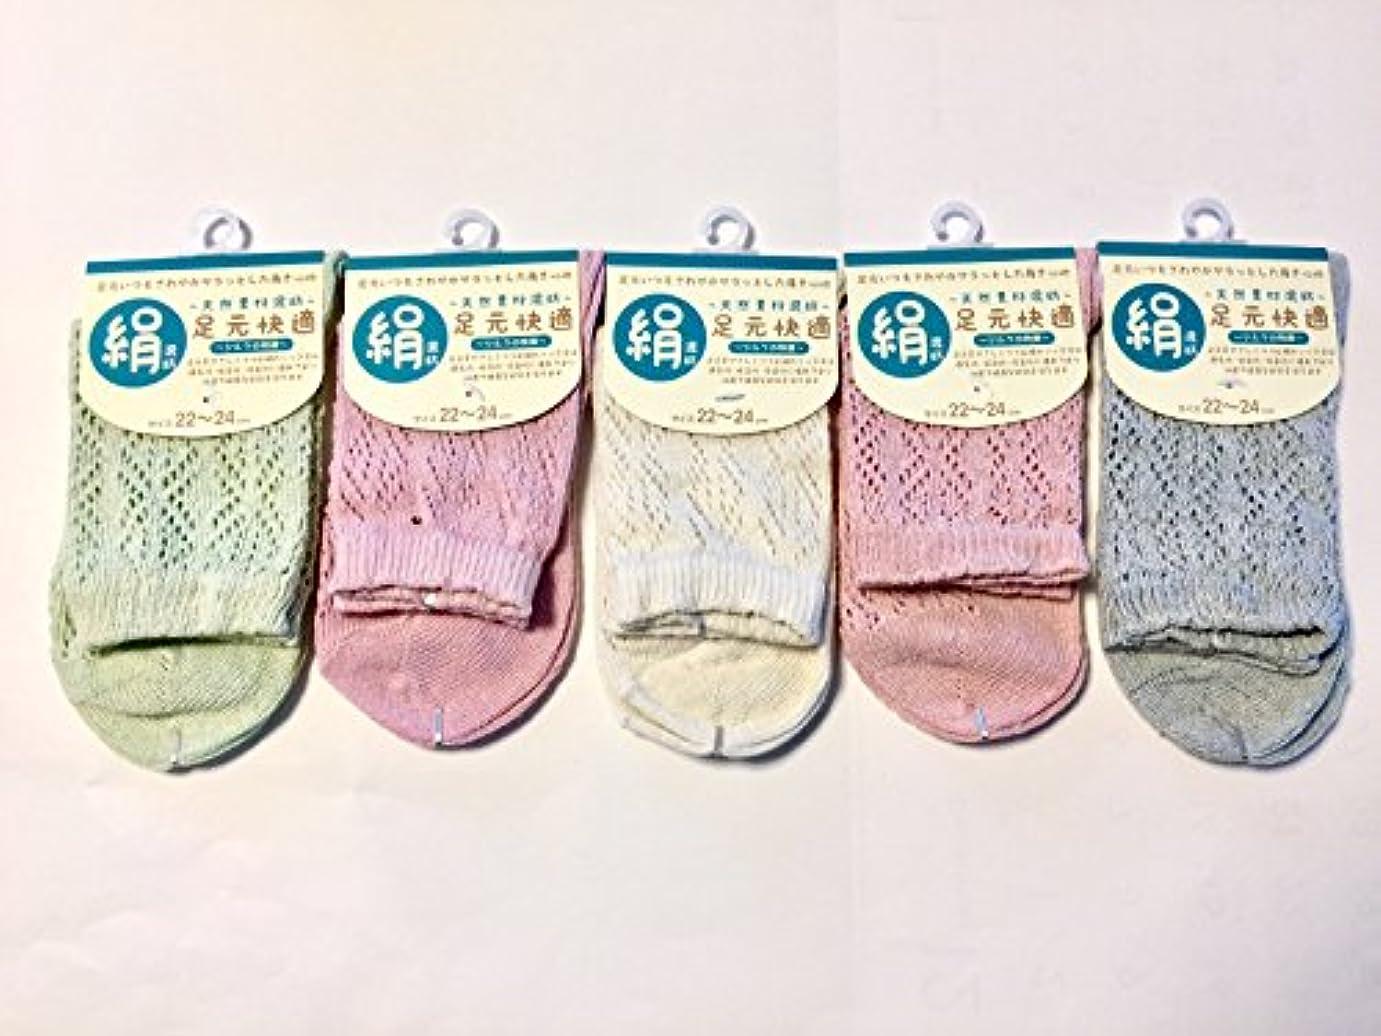 オリエンタル馬力飲料靴下 レディース 絹混 涼しいルミーソックス おしゃれ手編み風 5色5足組